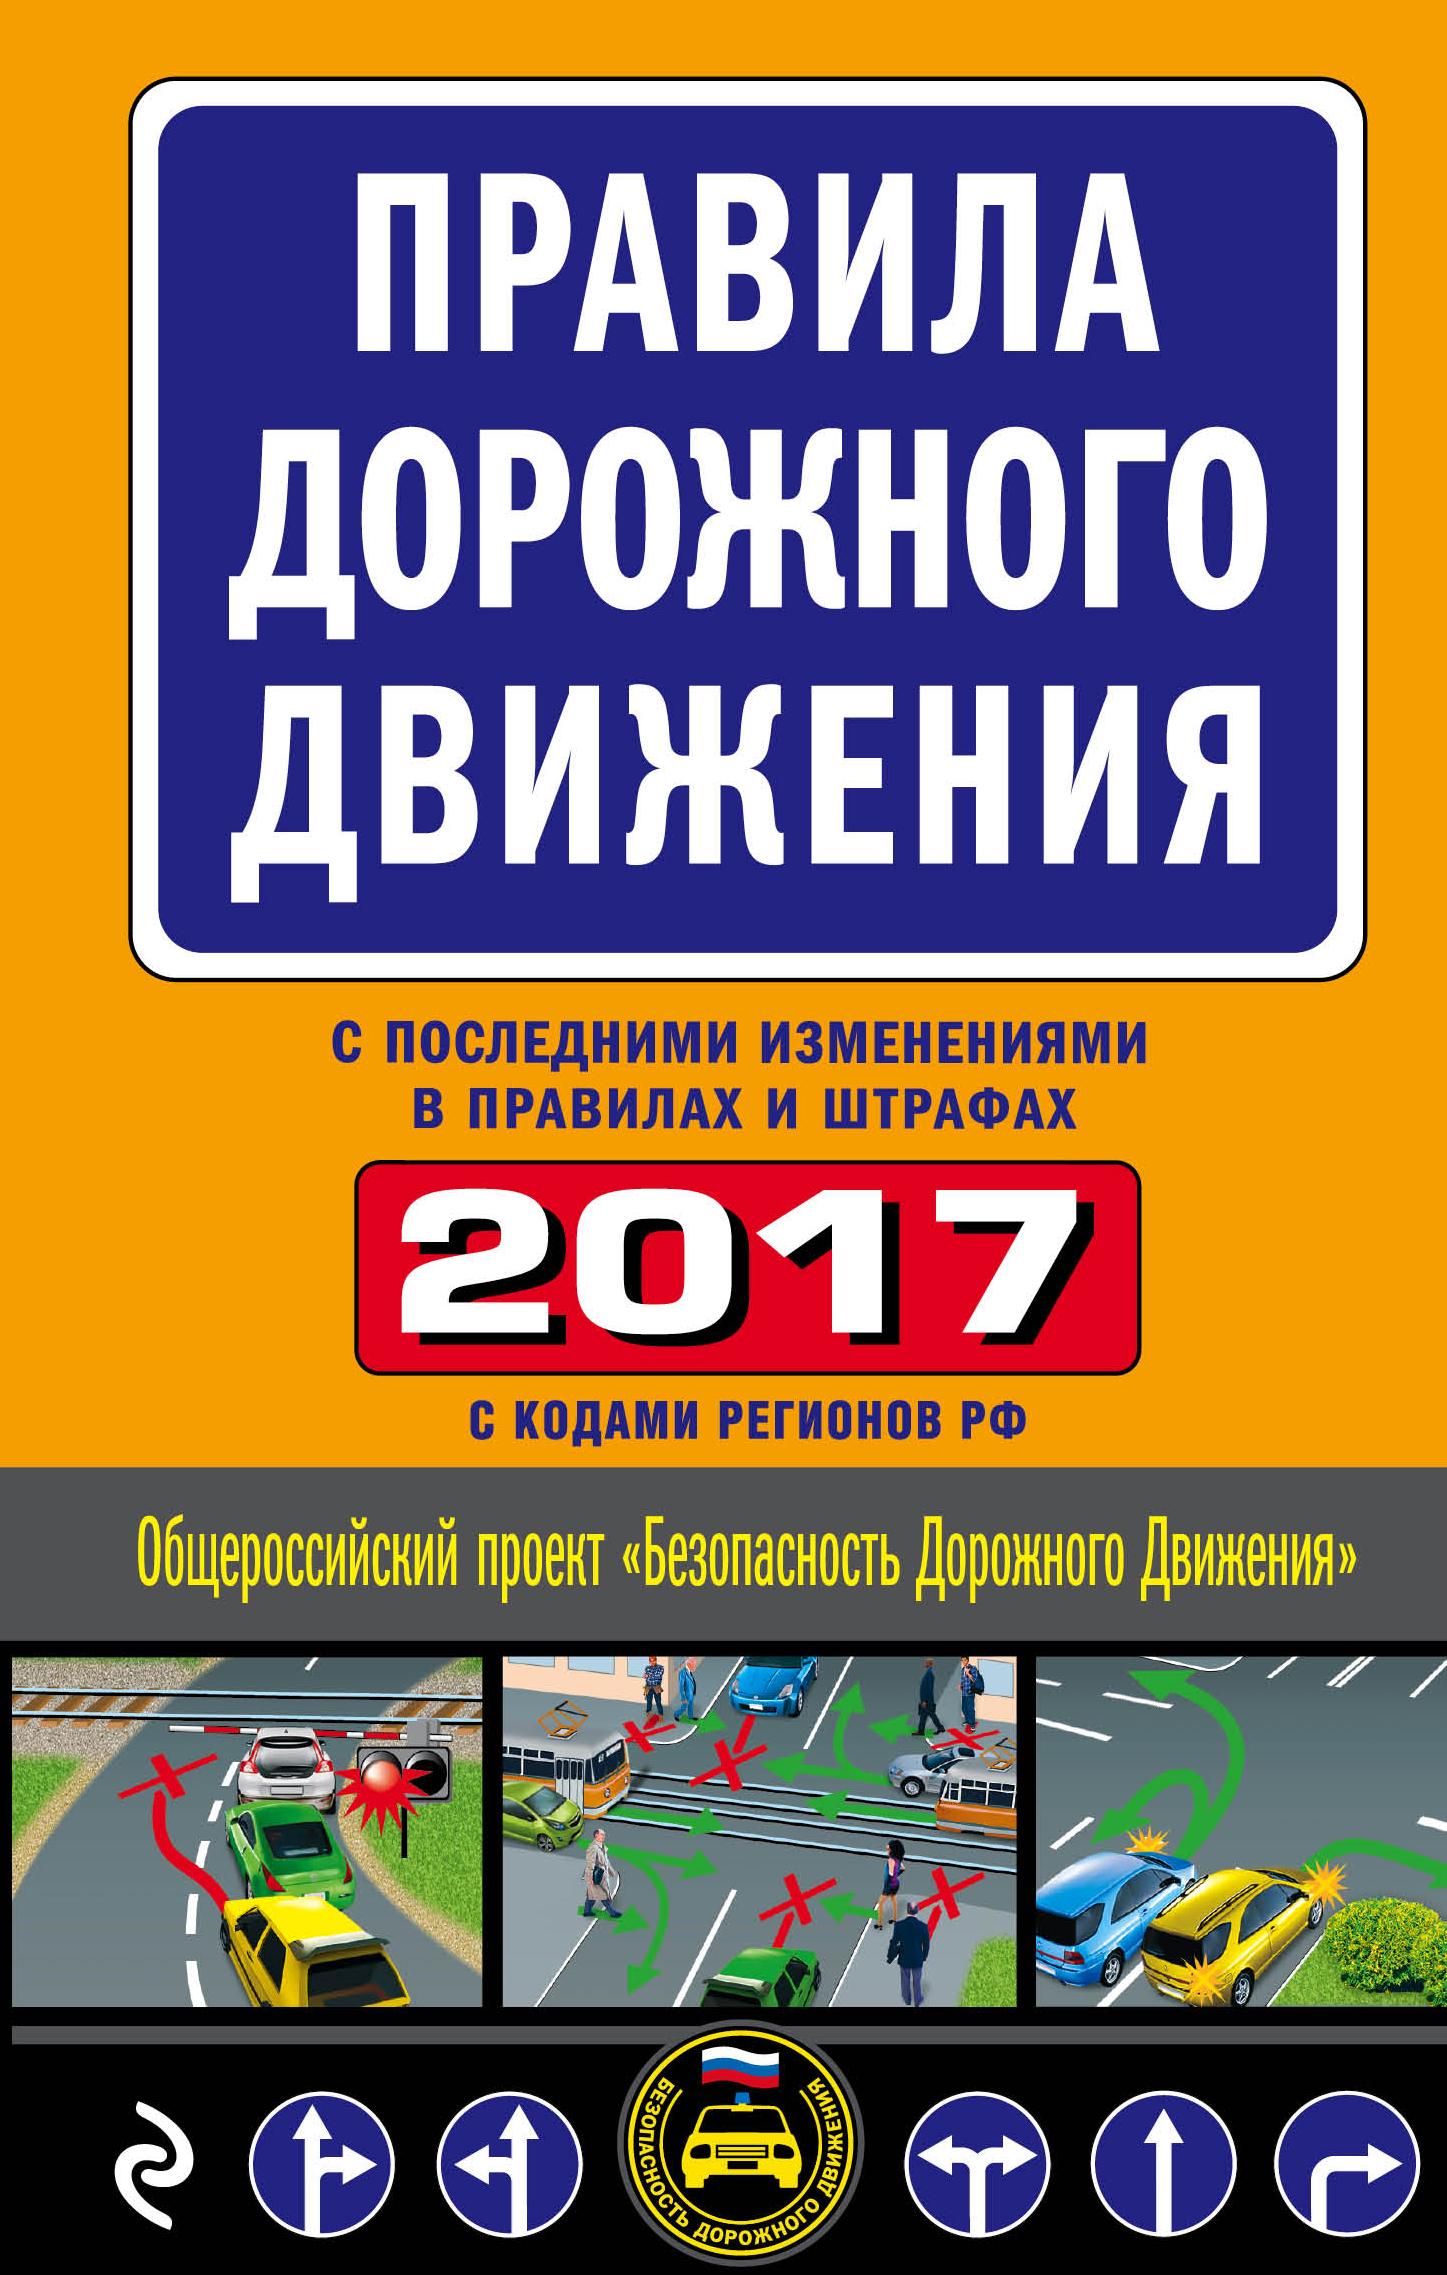 Правила дорожного движения 2017 (с последними изменениями в правилах и штрафах)